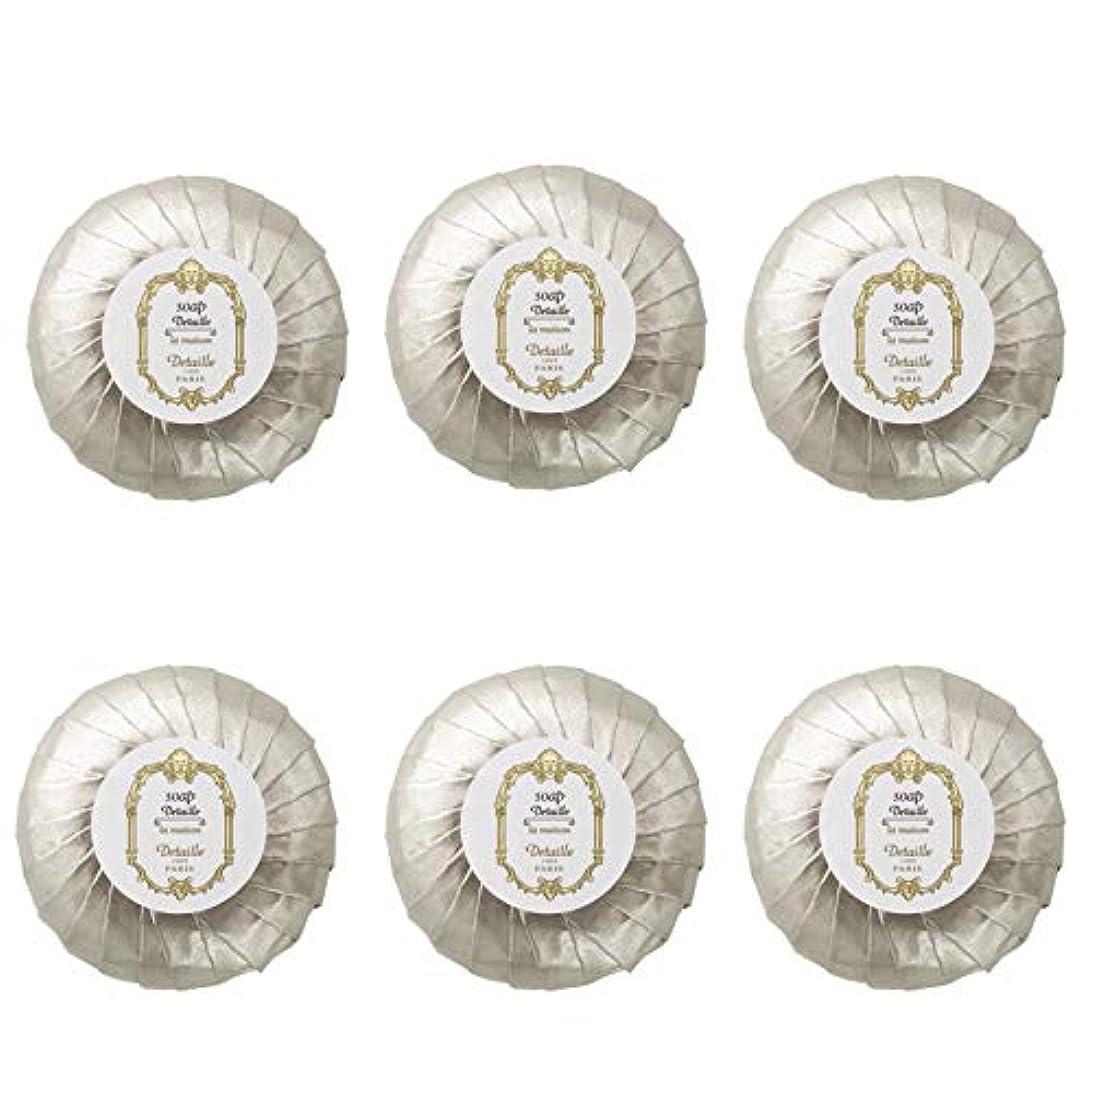 ニュースフィドル葉巻POLA デタイユ ラ メゾン スキンソープ 固形石鹸 (プリーツ包装) 50g×6個